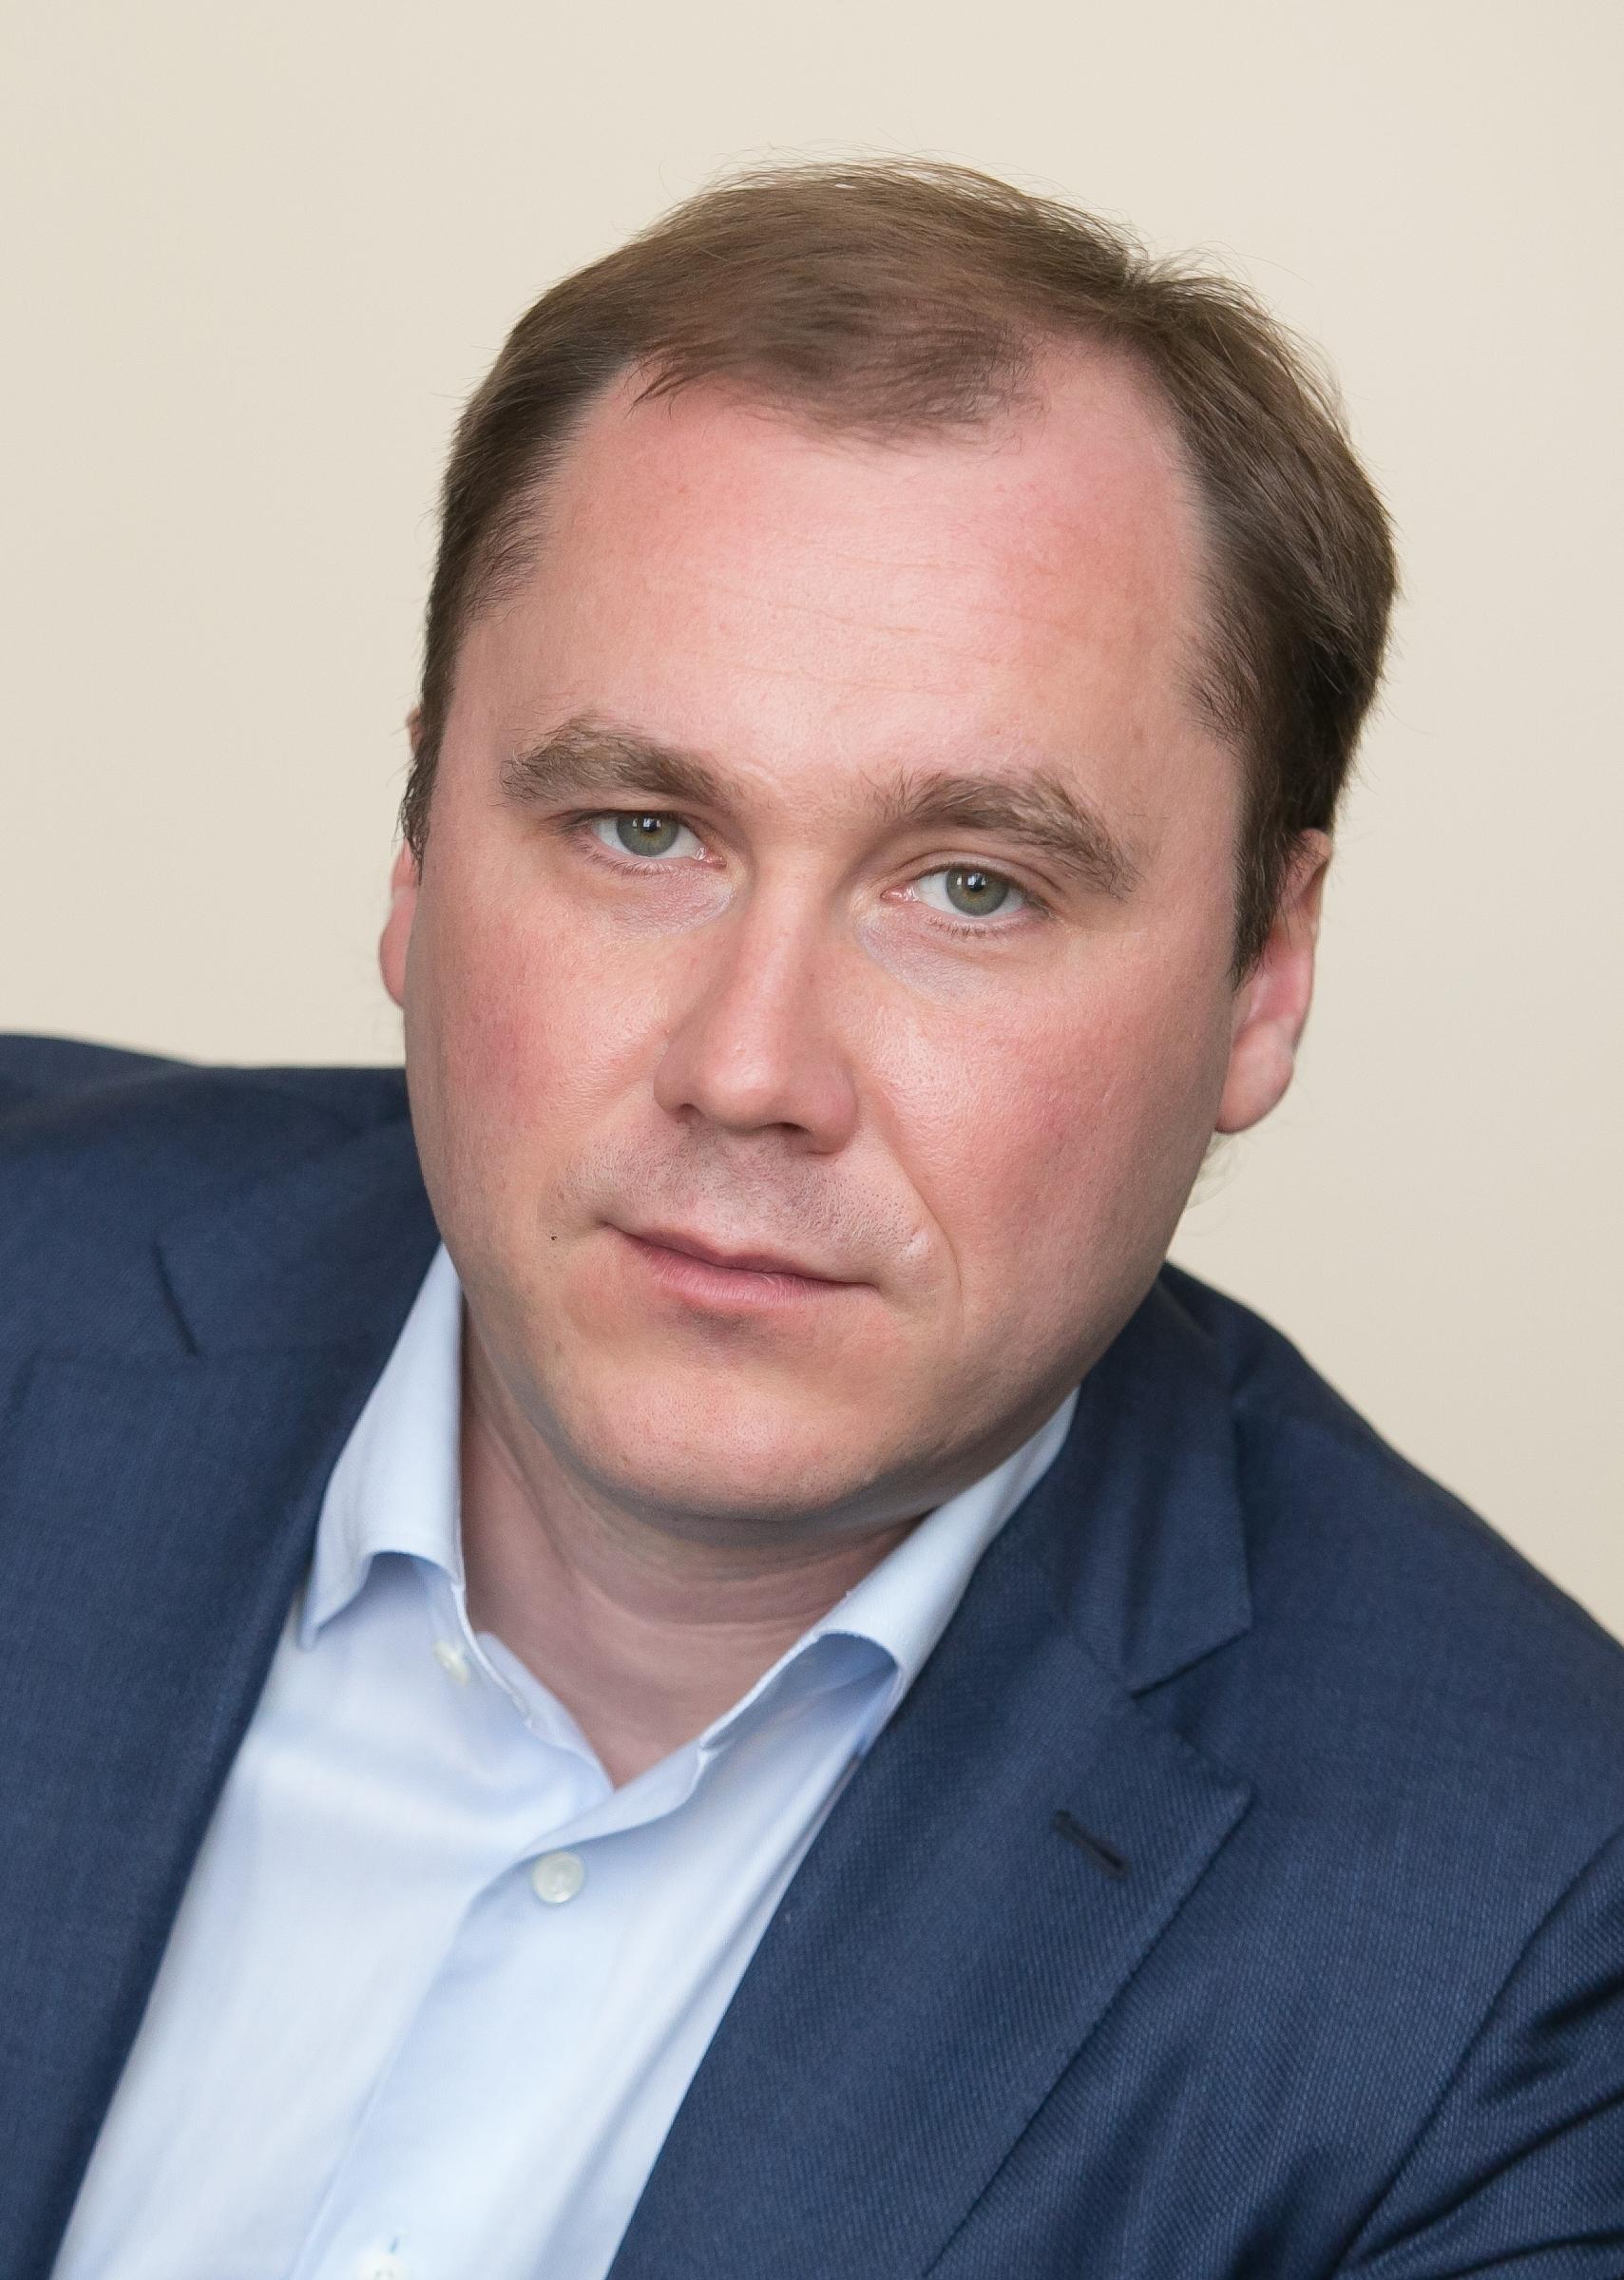 крючков владислав львович инвестстрой новосибирск фото